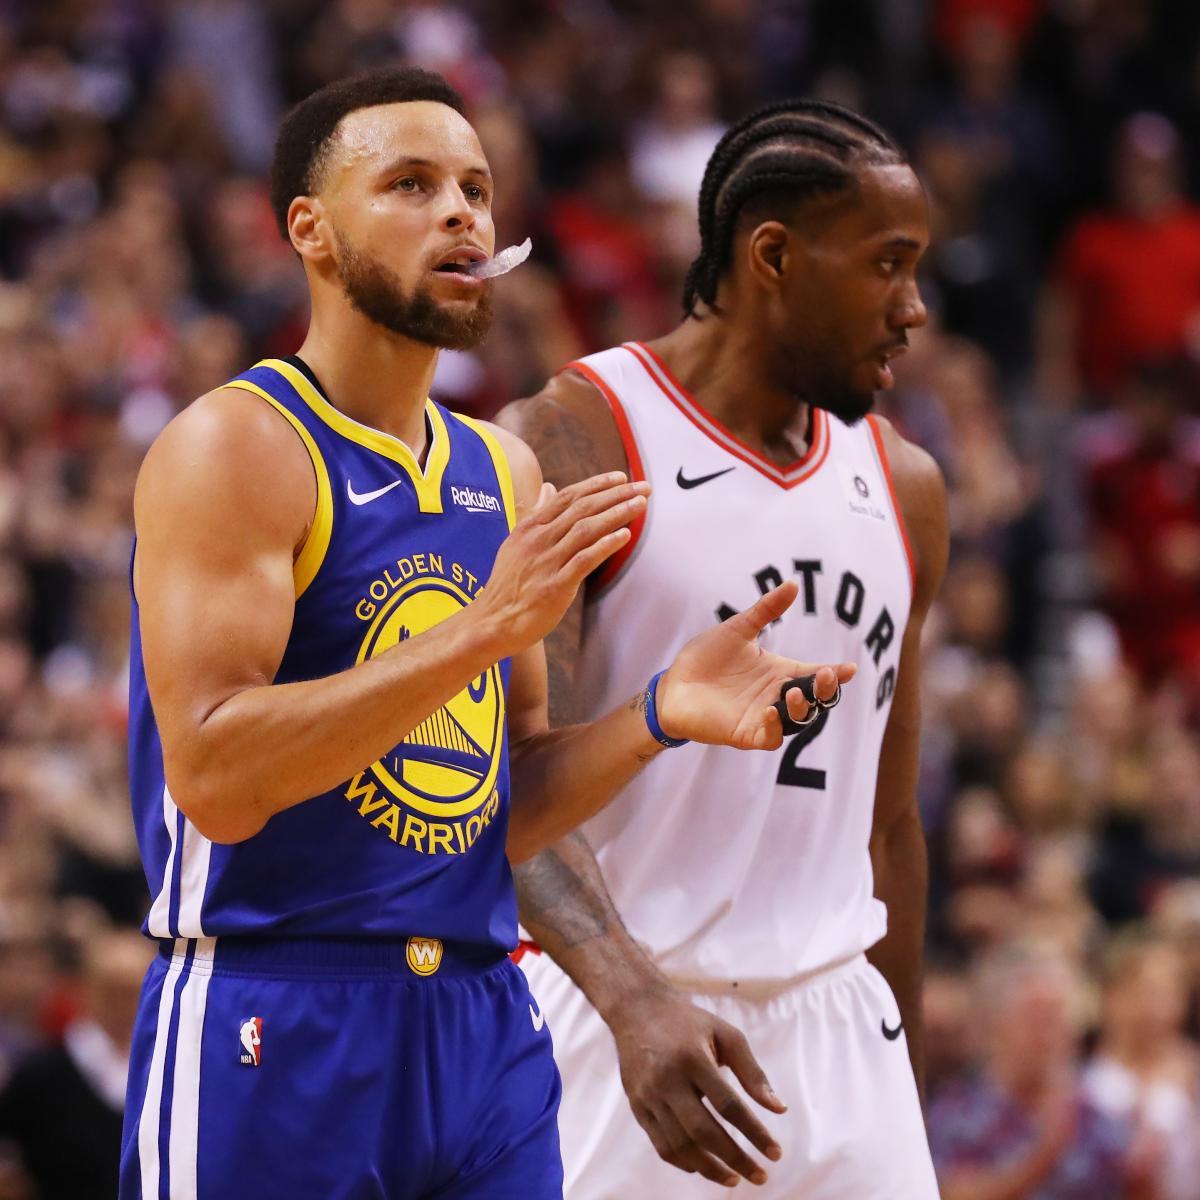 Warriors Game Broadcast Tv: NBA Finals 2019: Warriors Vs. Raptors Game 2 TV Schedule